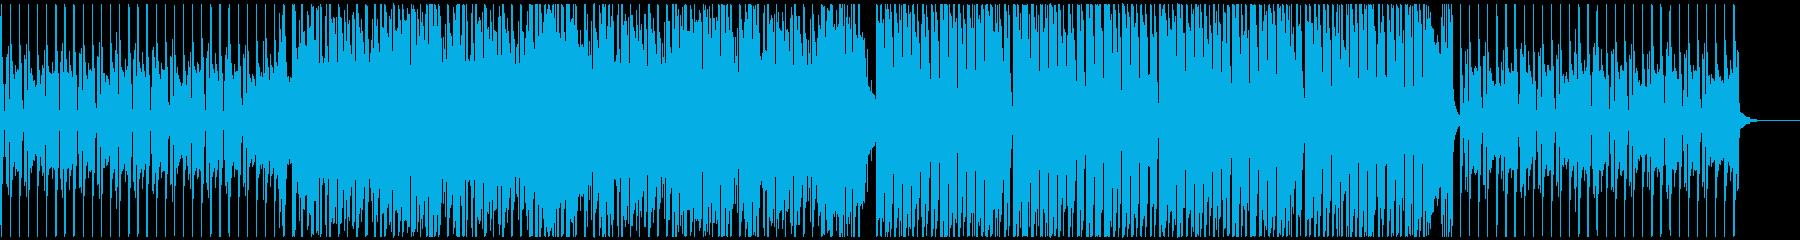 アップテンポで楽しい可愛いボサノバの再生済みの波形